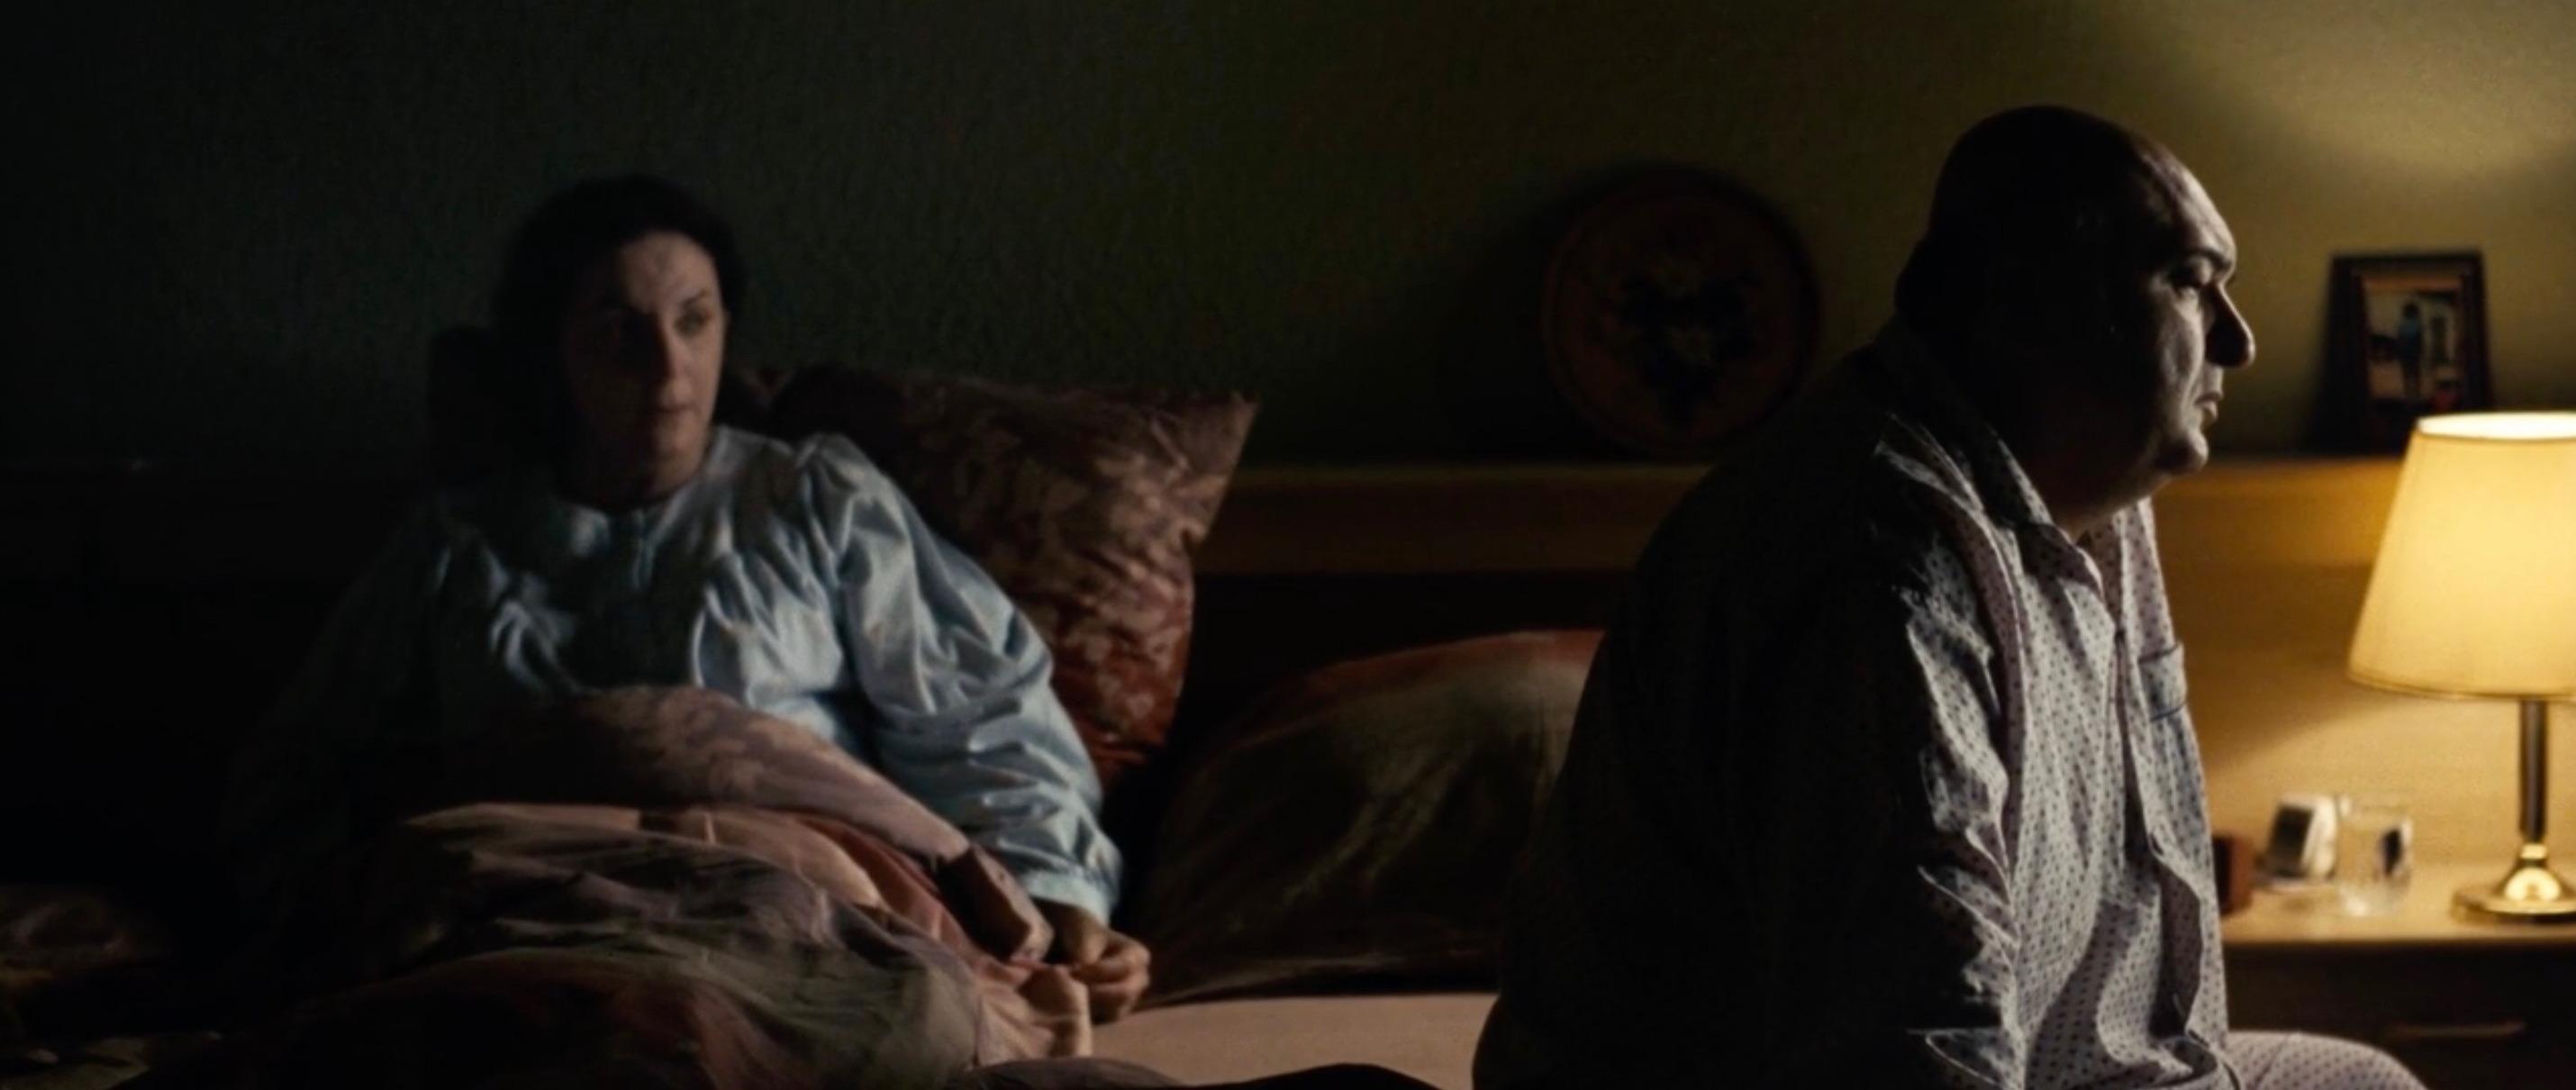 Die Fremde - When We Leave - Umays Eltern - Regie: Feo Aladag - Kamera Judith Kaufmann